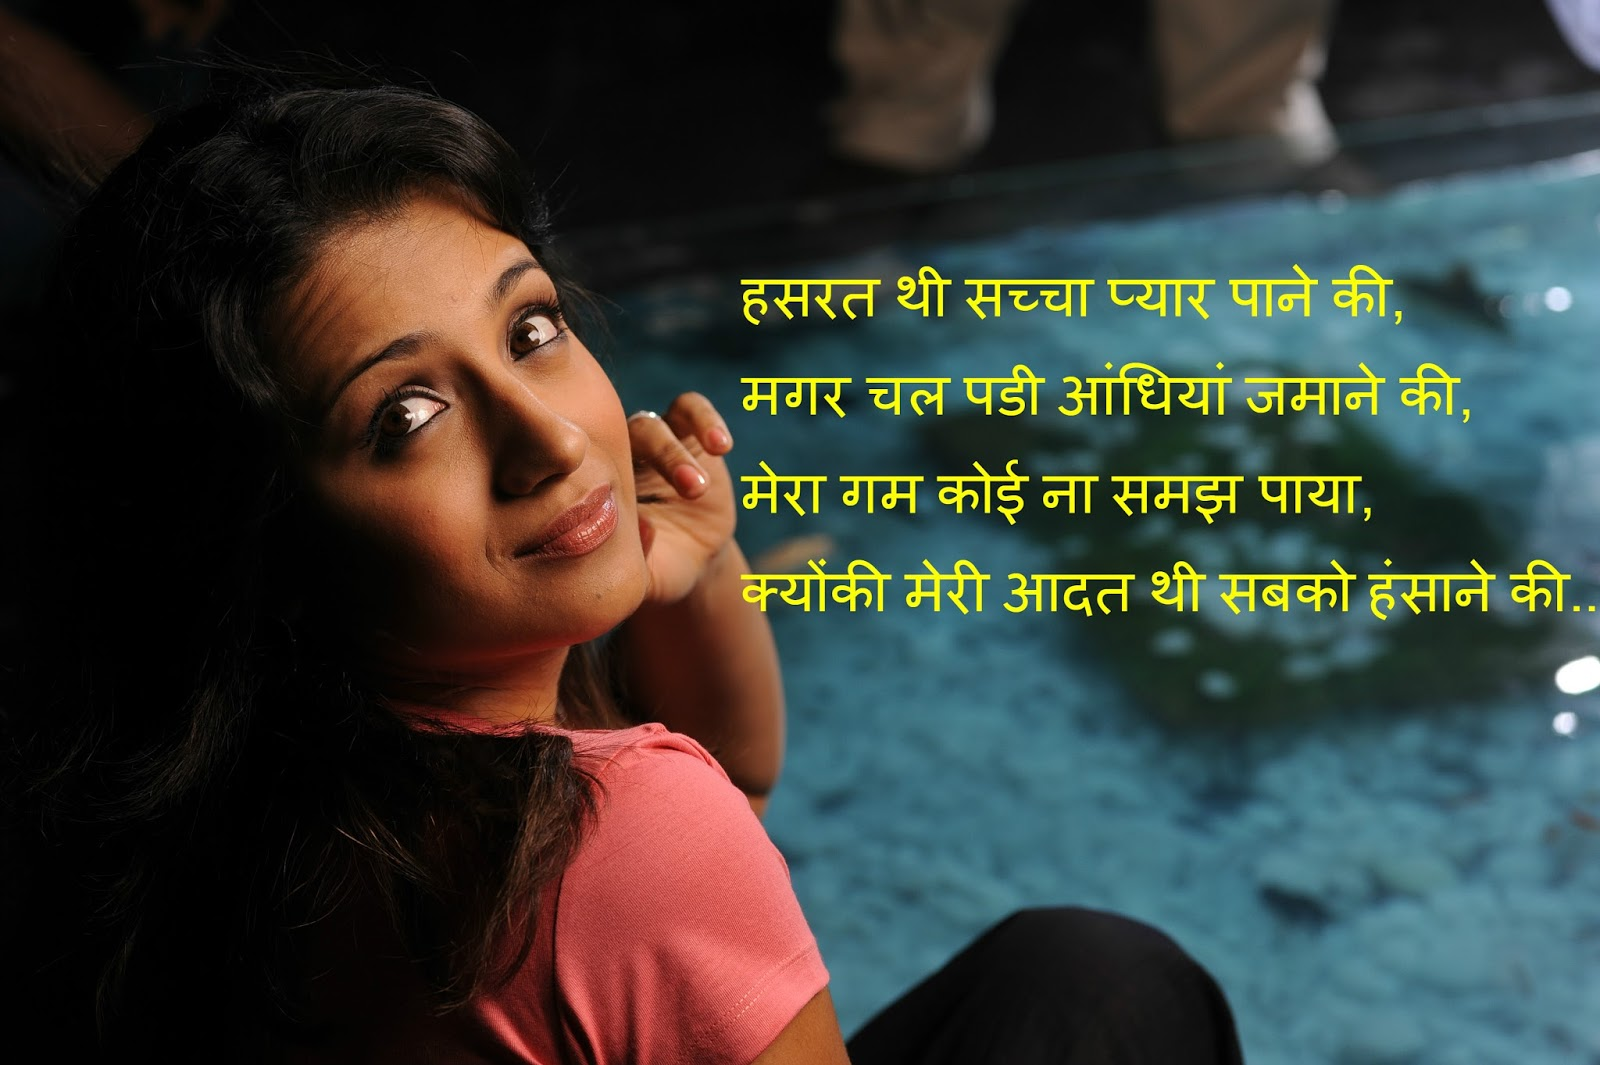 ... shayari on friendship,Hindi dosti shayari,Shayari, Pyaar Dosti,Dosti